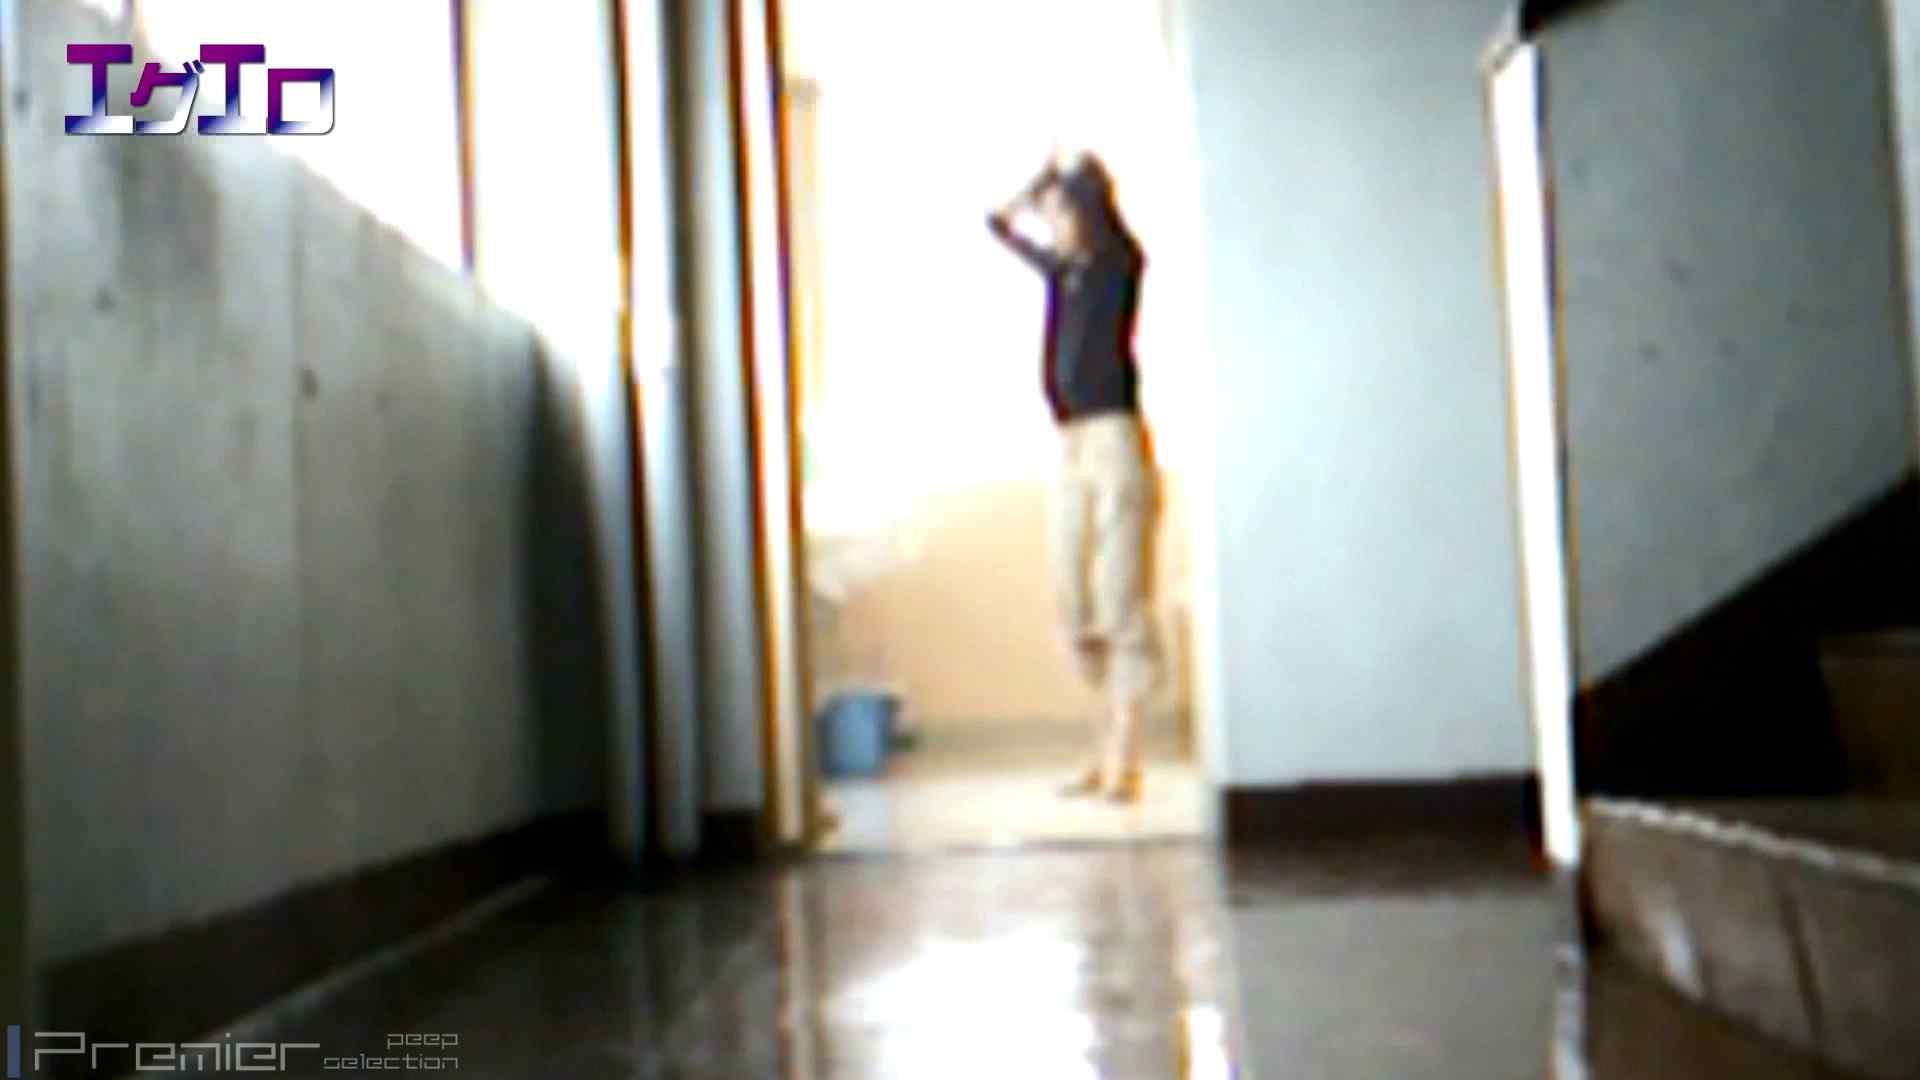 至近距離洗面所 Vol.09夏ギャルキタ~和式トイレ放nyoショー 洗面所 すけべAV動画紹介 80画像 22